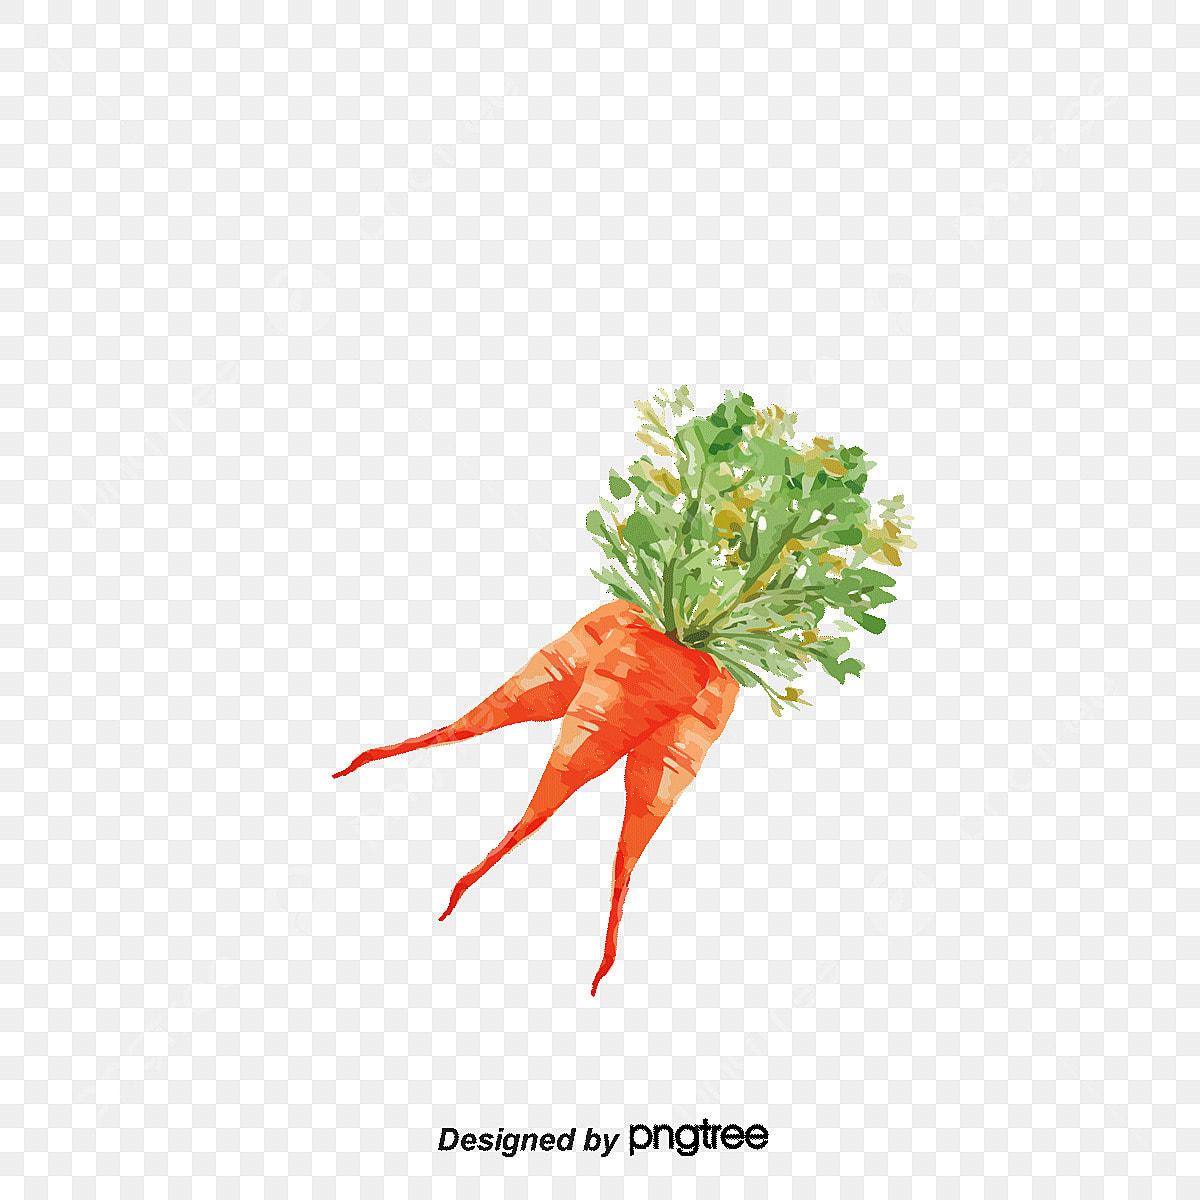 aquarelle de carotte radis carottes aquarelle png et